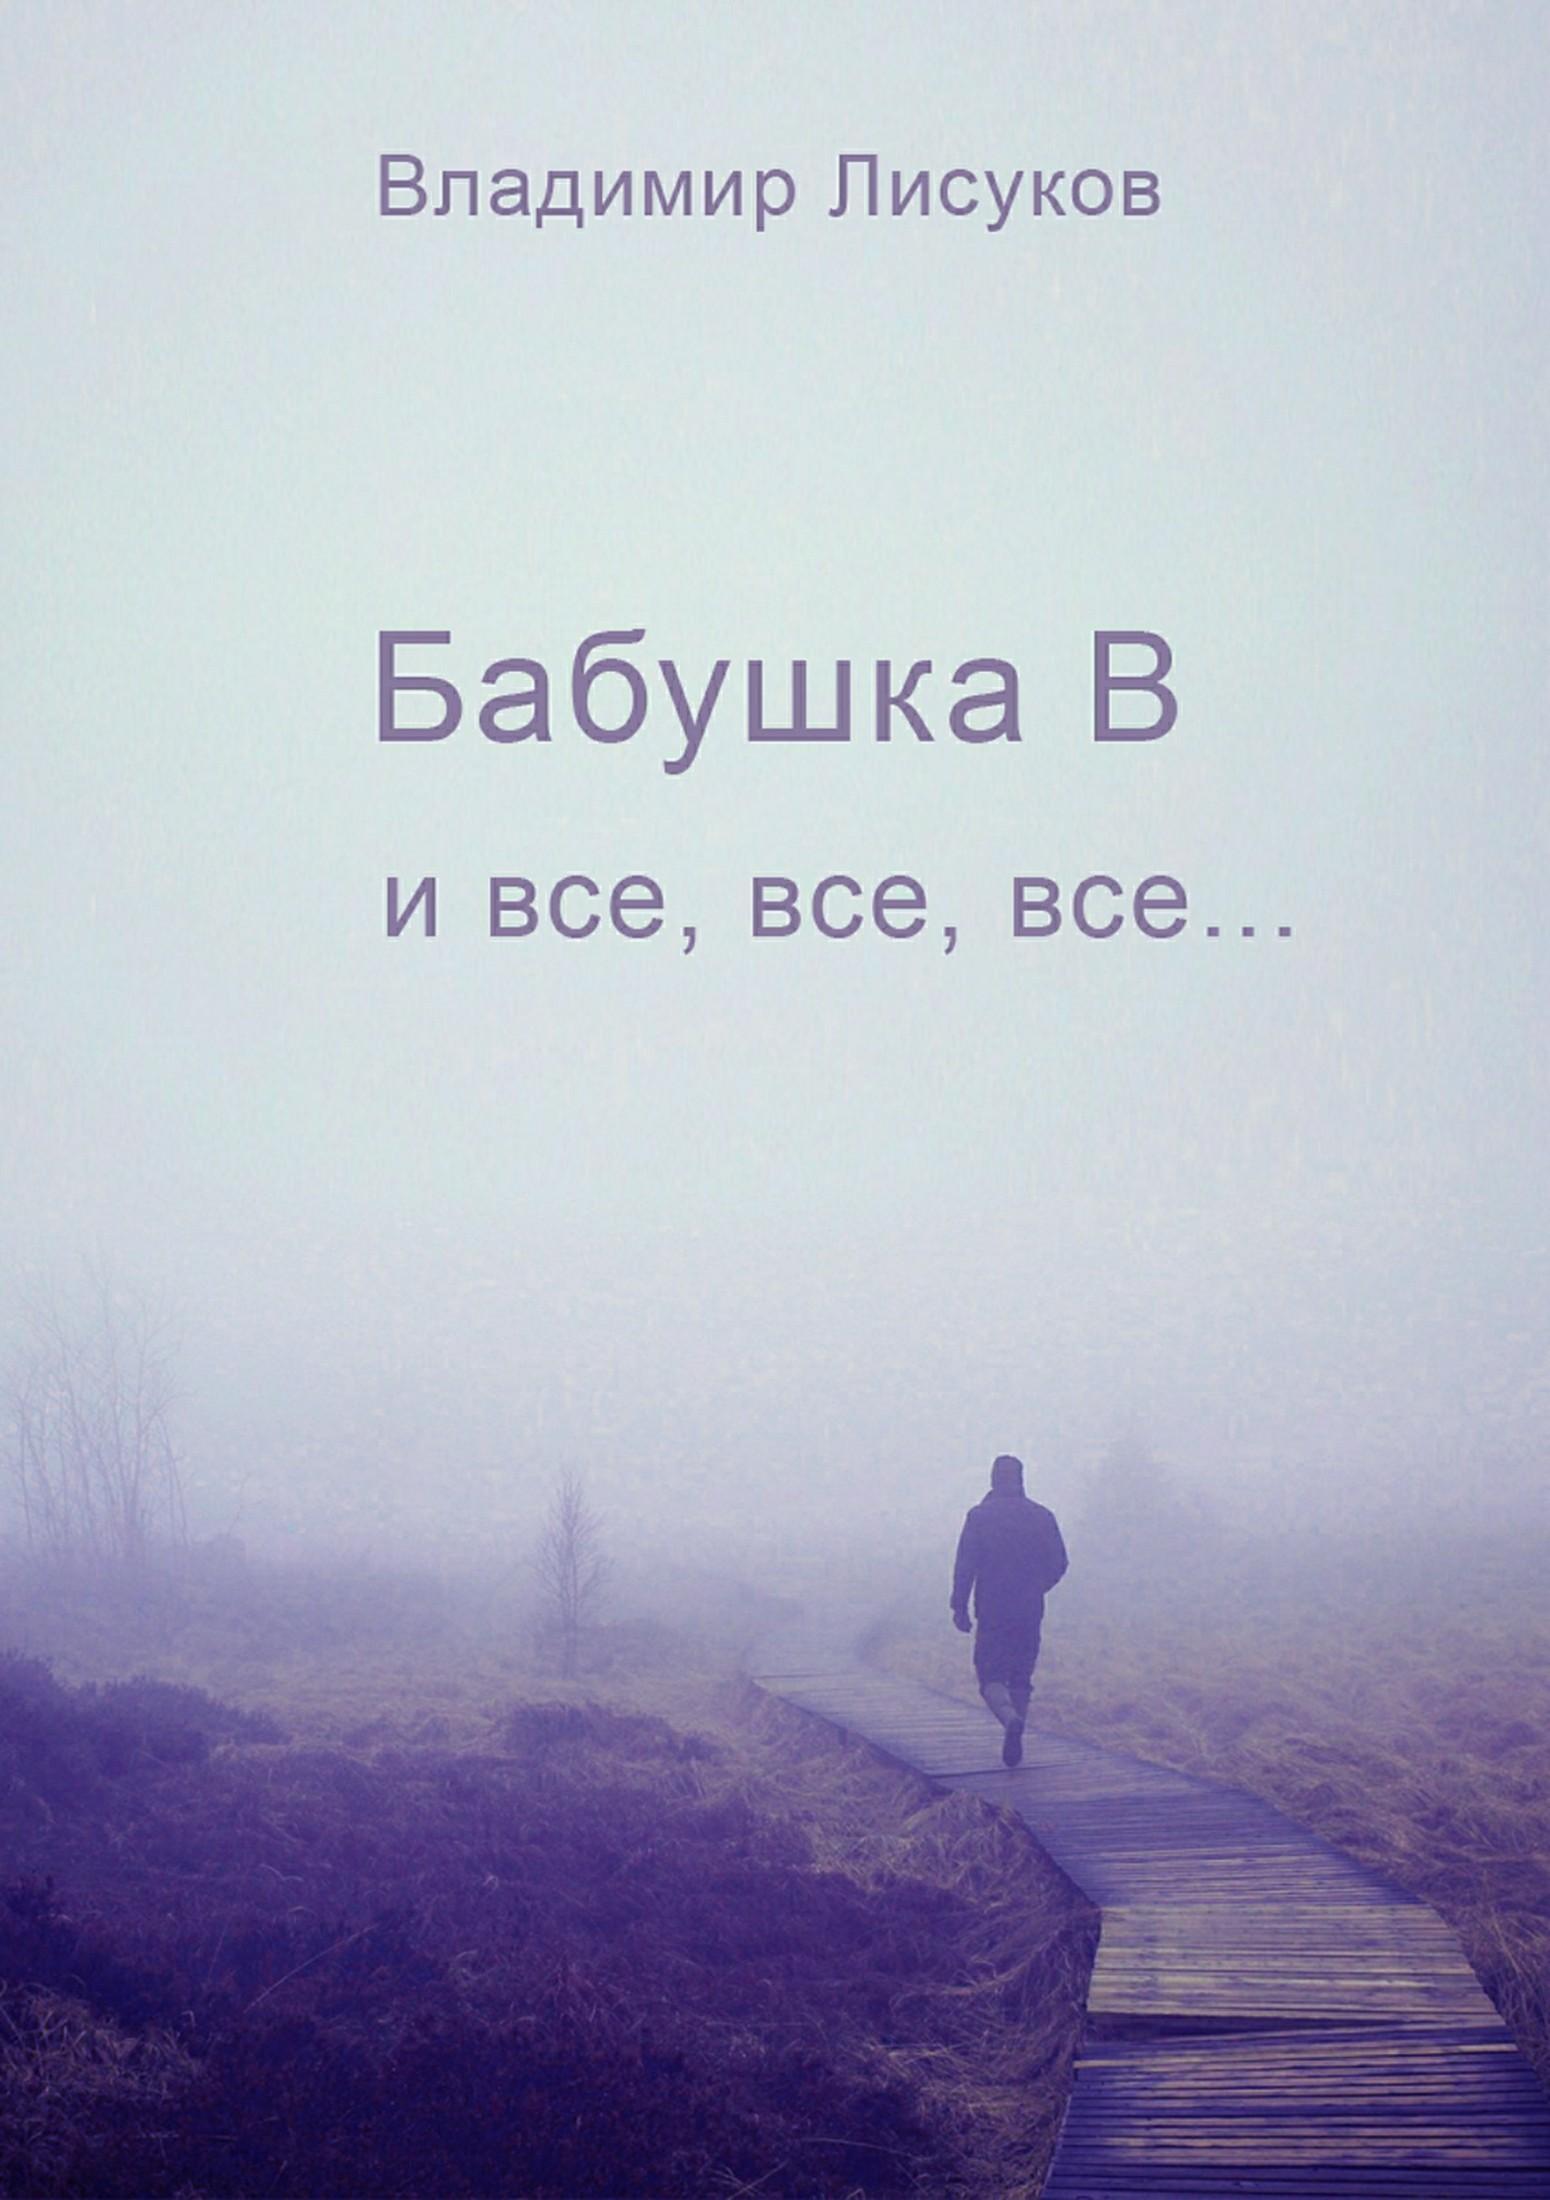 Владимир Иванович Лисуков Бабушка В и все, все, все… лина штиссель из чего сделано все живое